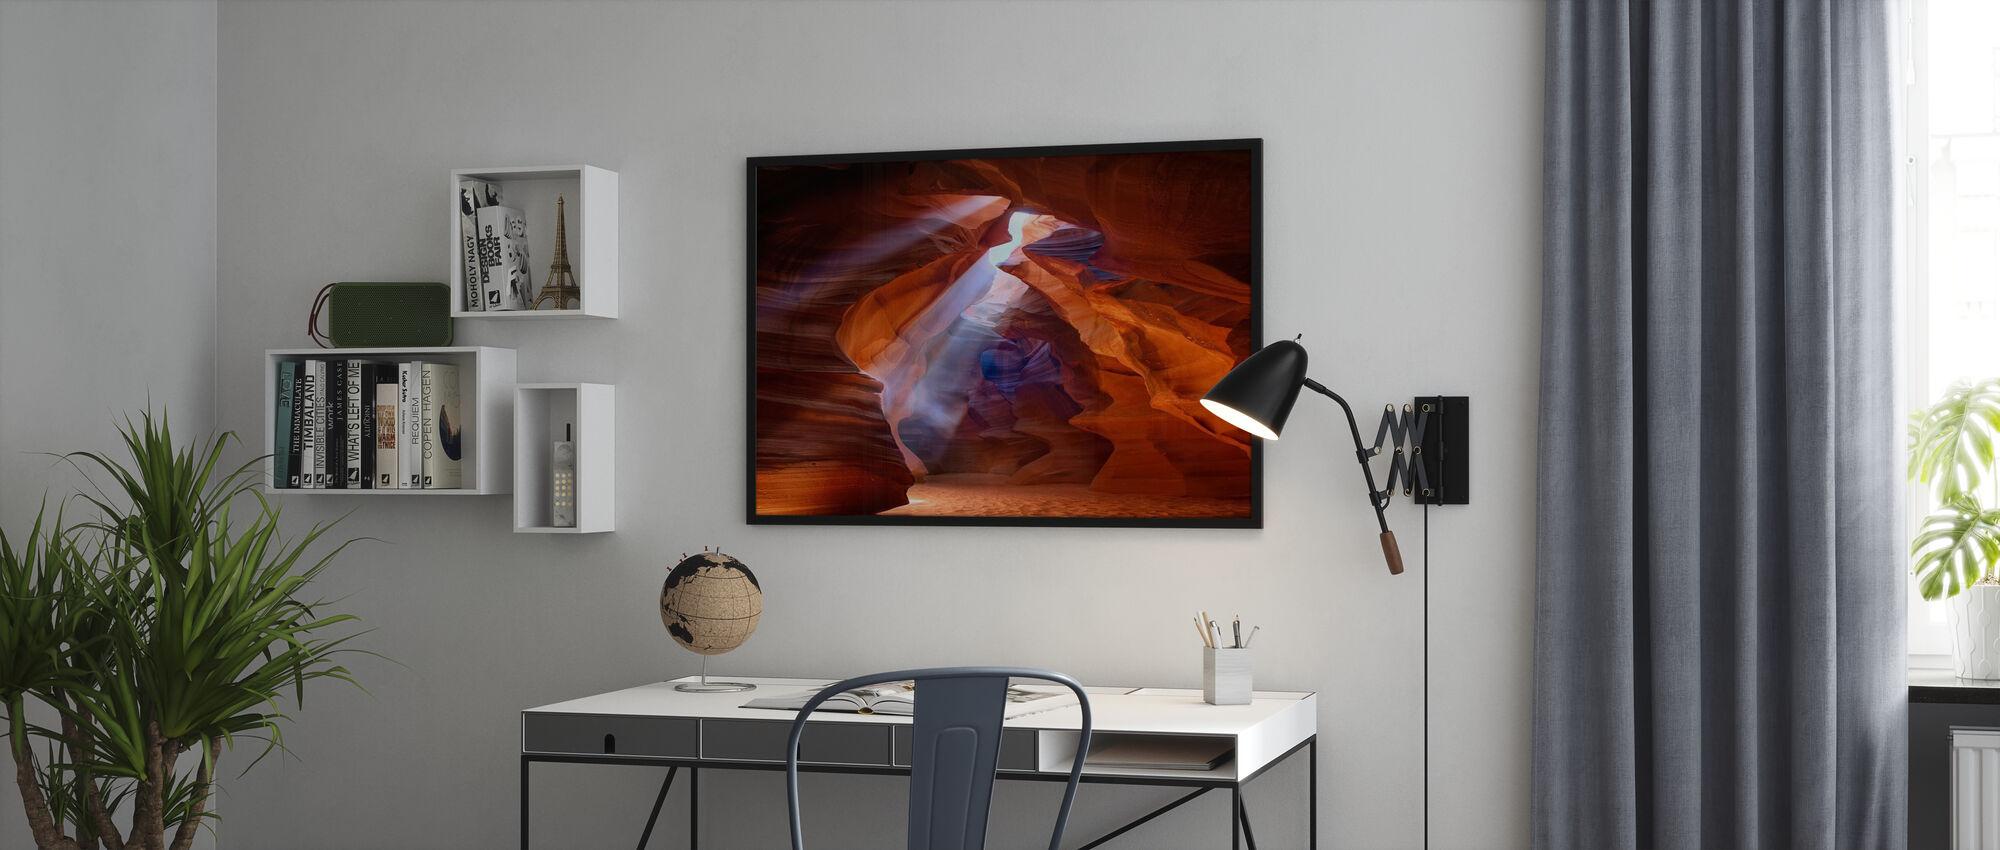 Pure Photodelight 2 - Framed print - Office